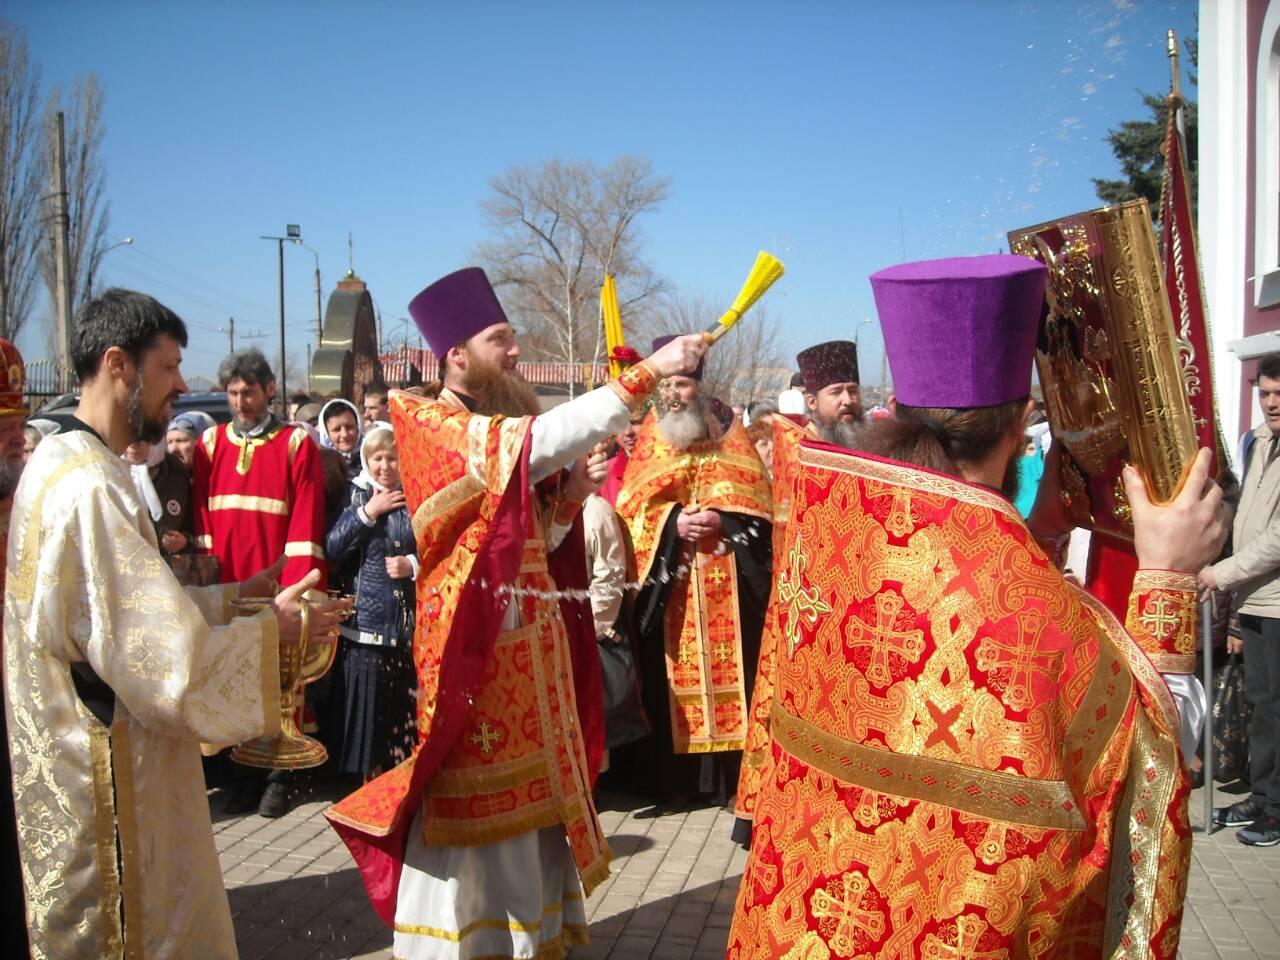 Празднование престольного дня Свято-Воскресенского храма